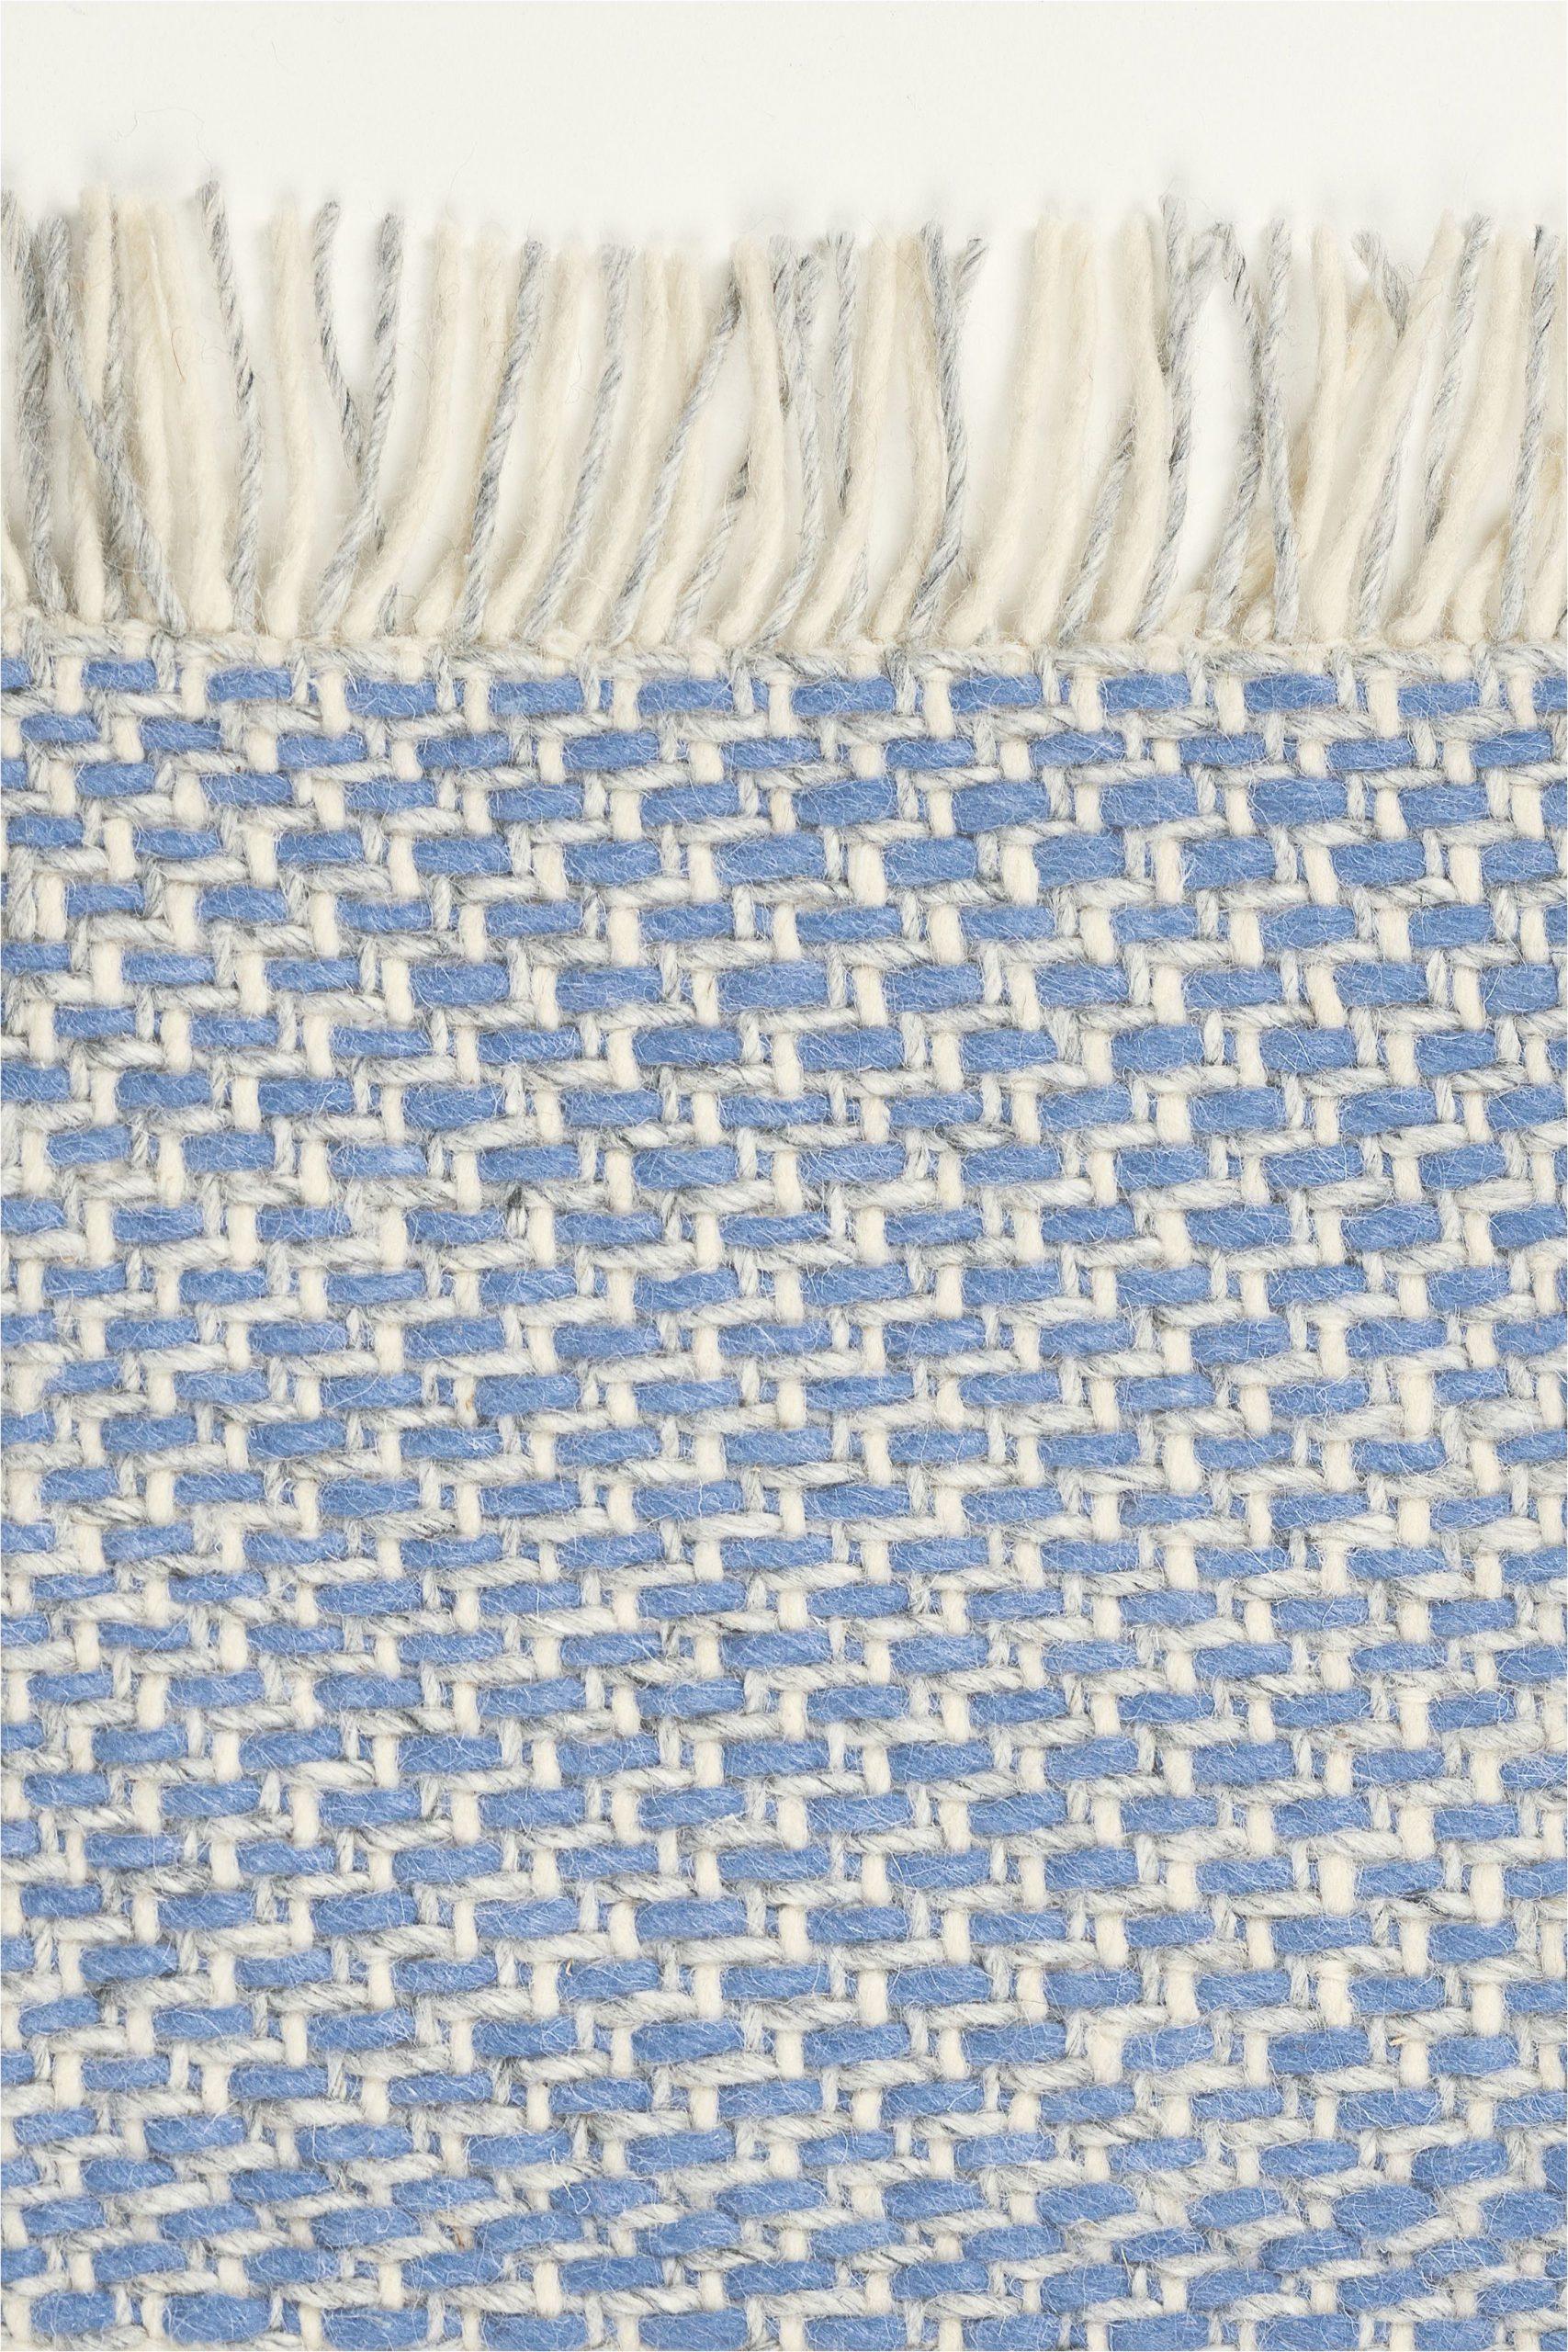 Flat Weave Blue Rug Craft Blue Rug atelier Rugs Modern Rugs